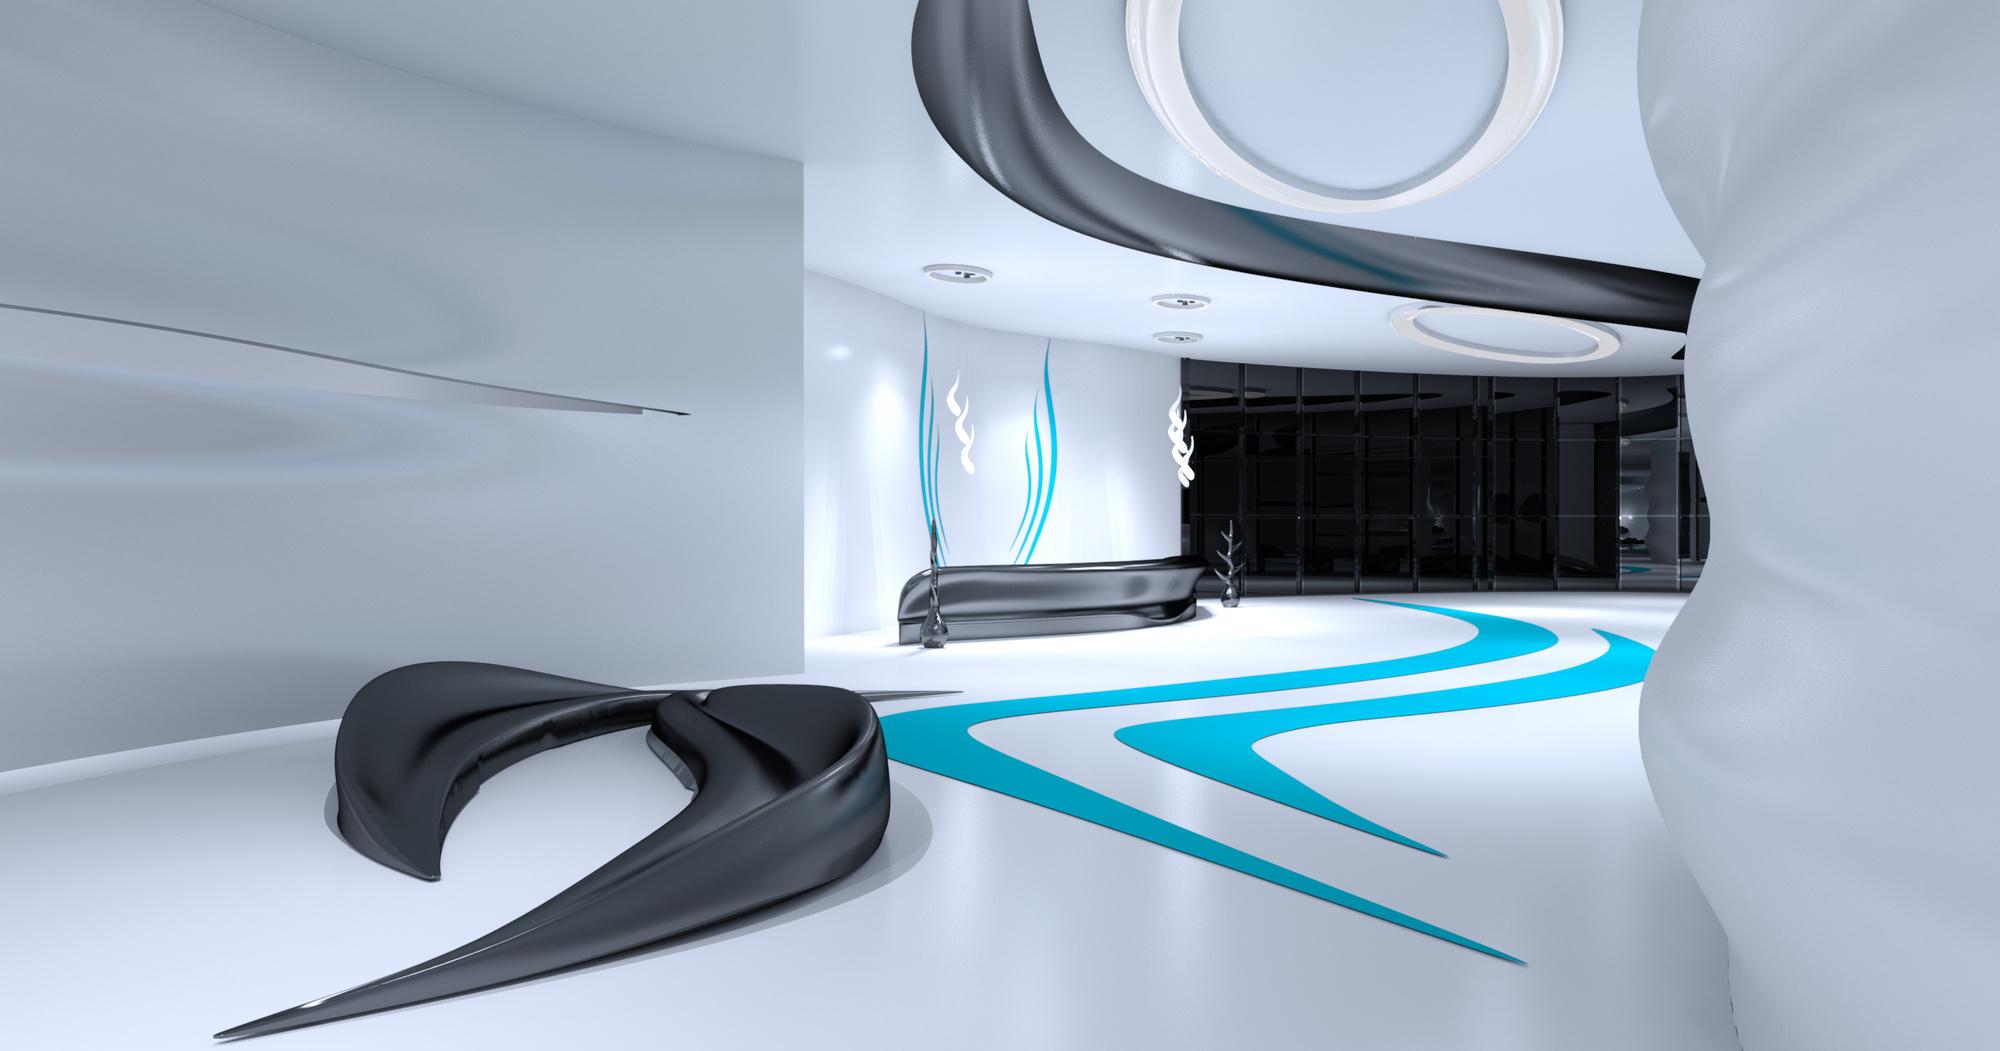 Raas-rendering20150201-20146-dgaqx